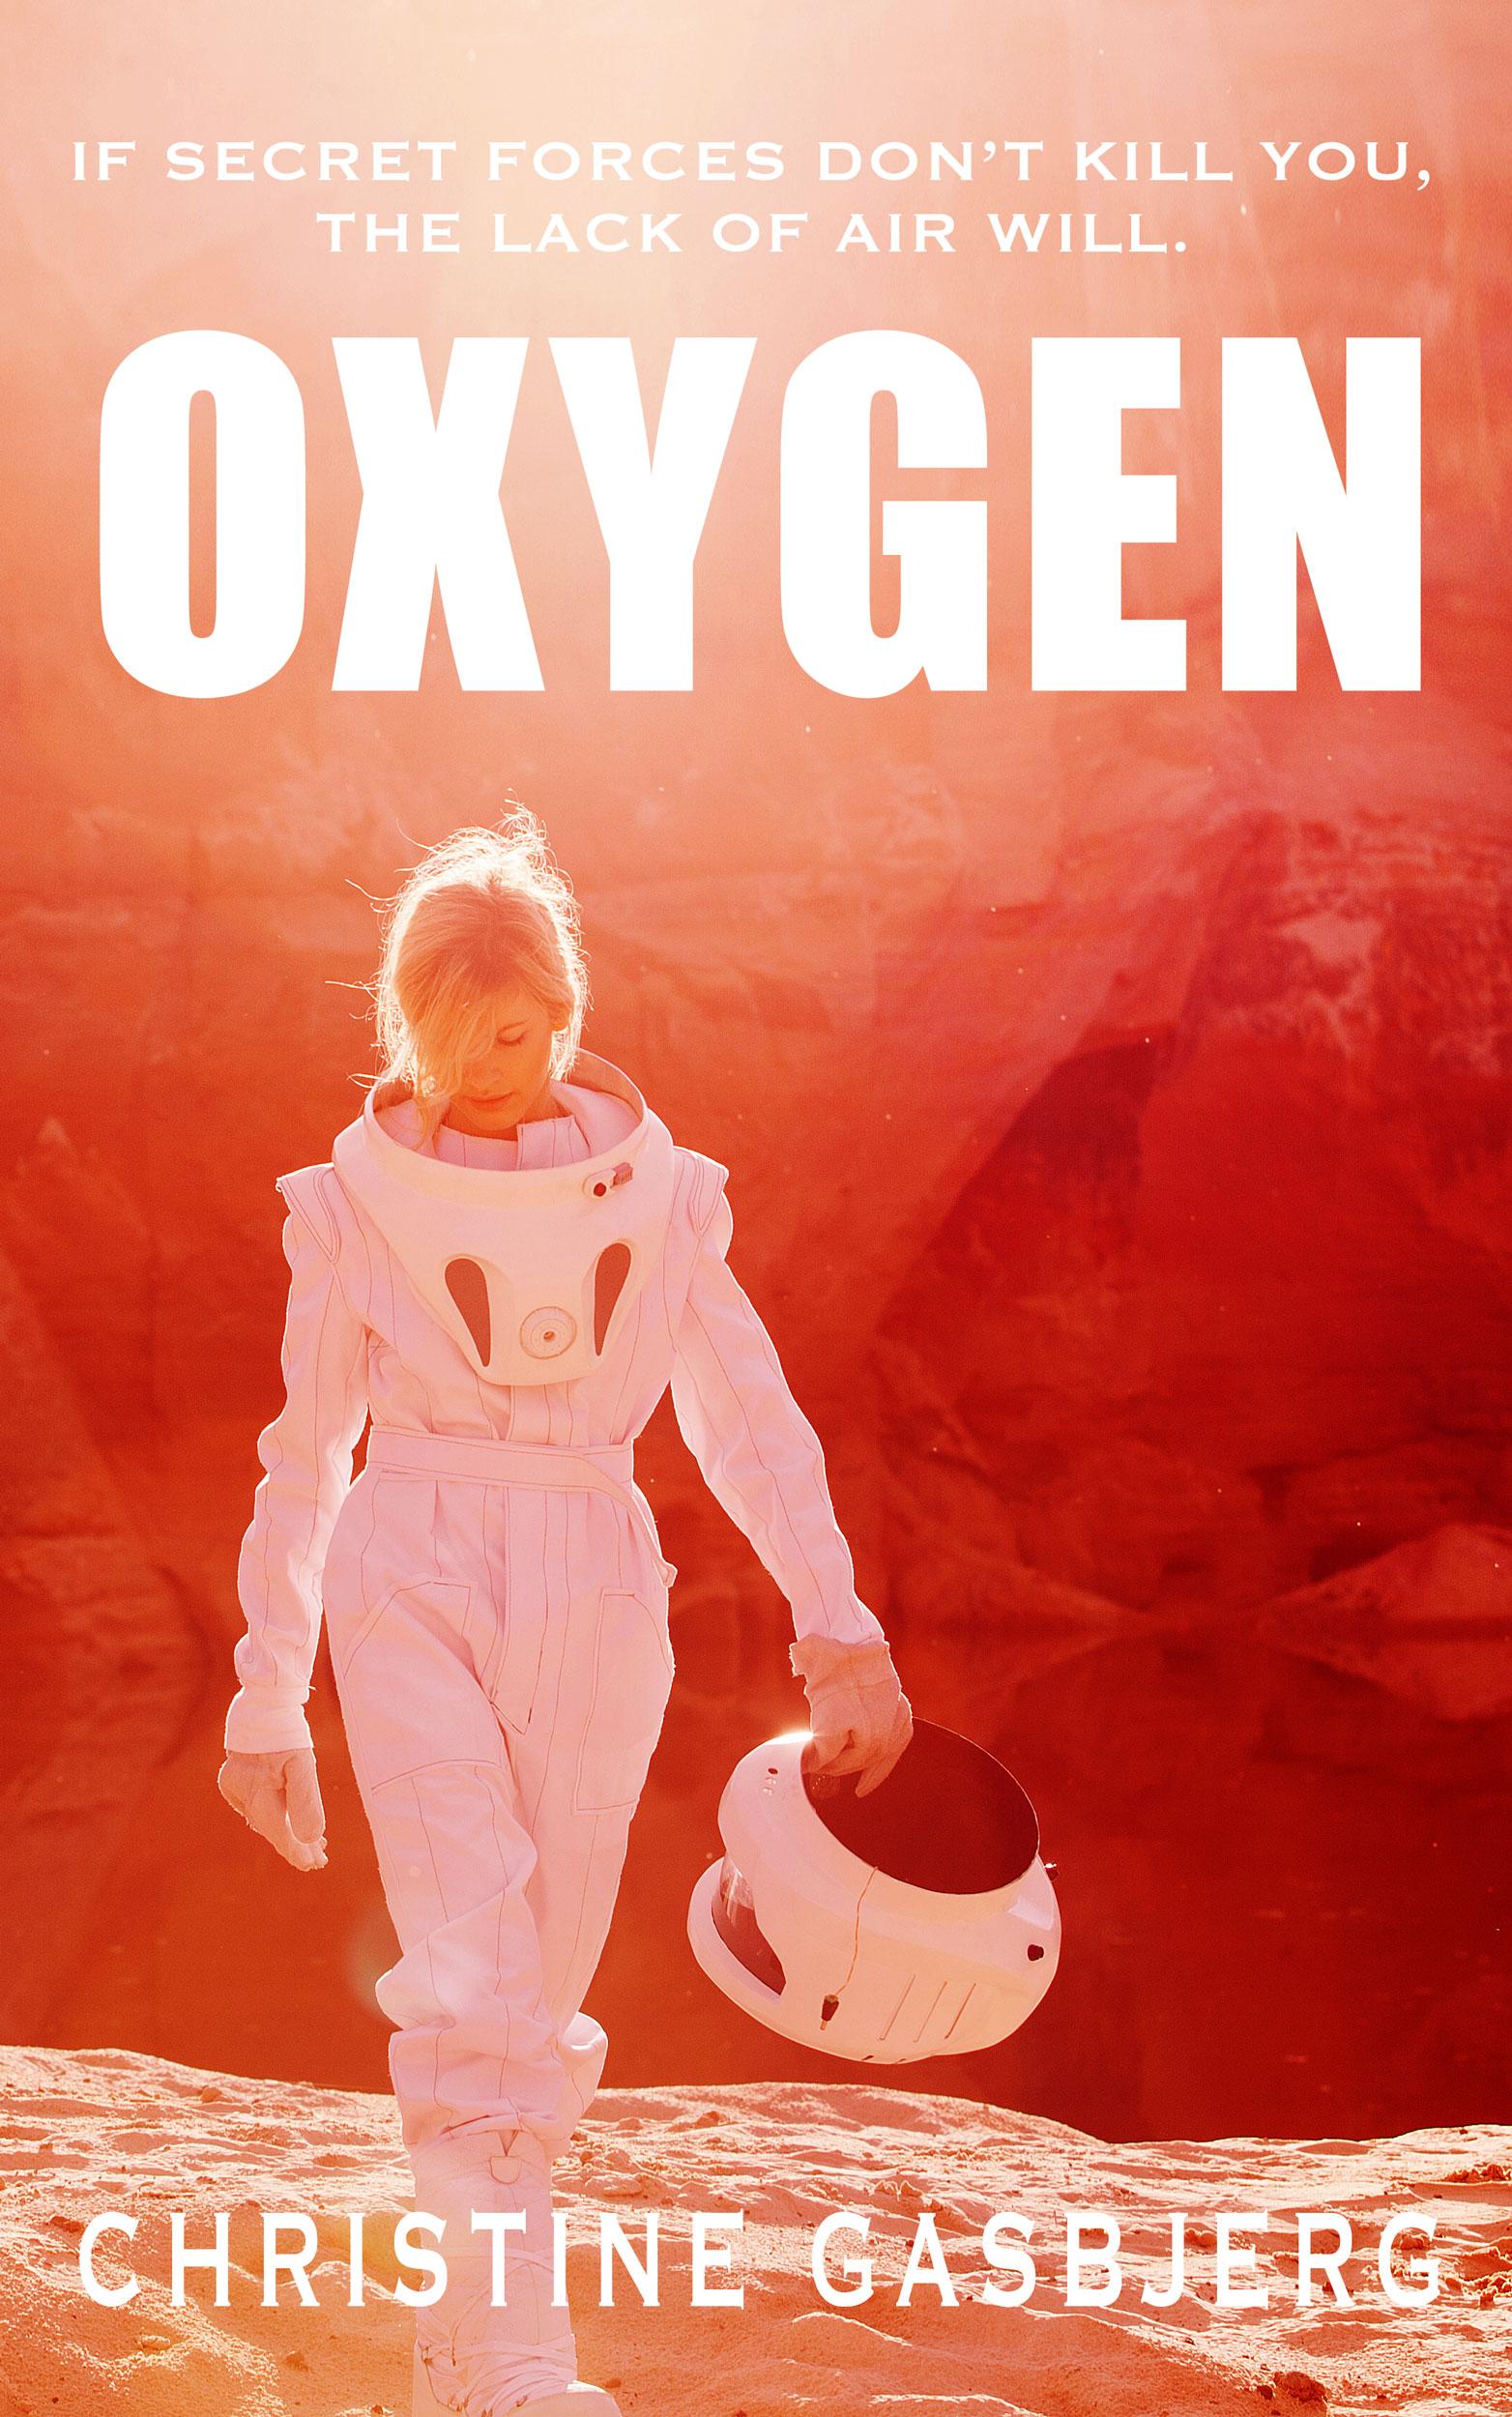 Science Fiction serie skrevet af den kvindelige danske forfatter Christine Gasbjerg, om en fremtid, hvor menneskelige værdier fortrænges af magt og penge.